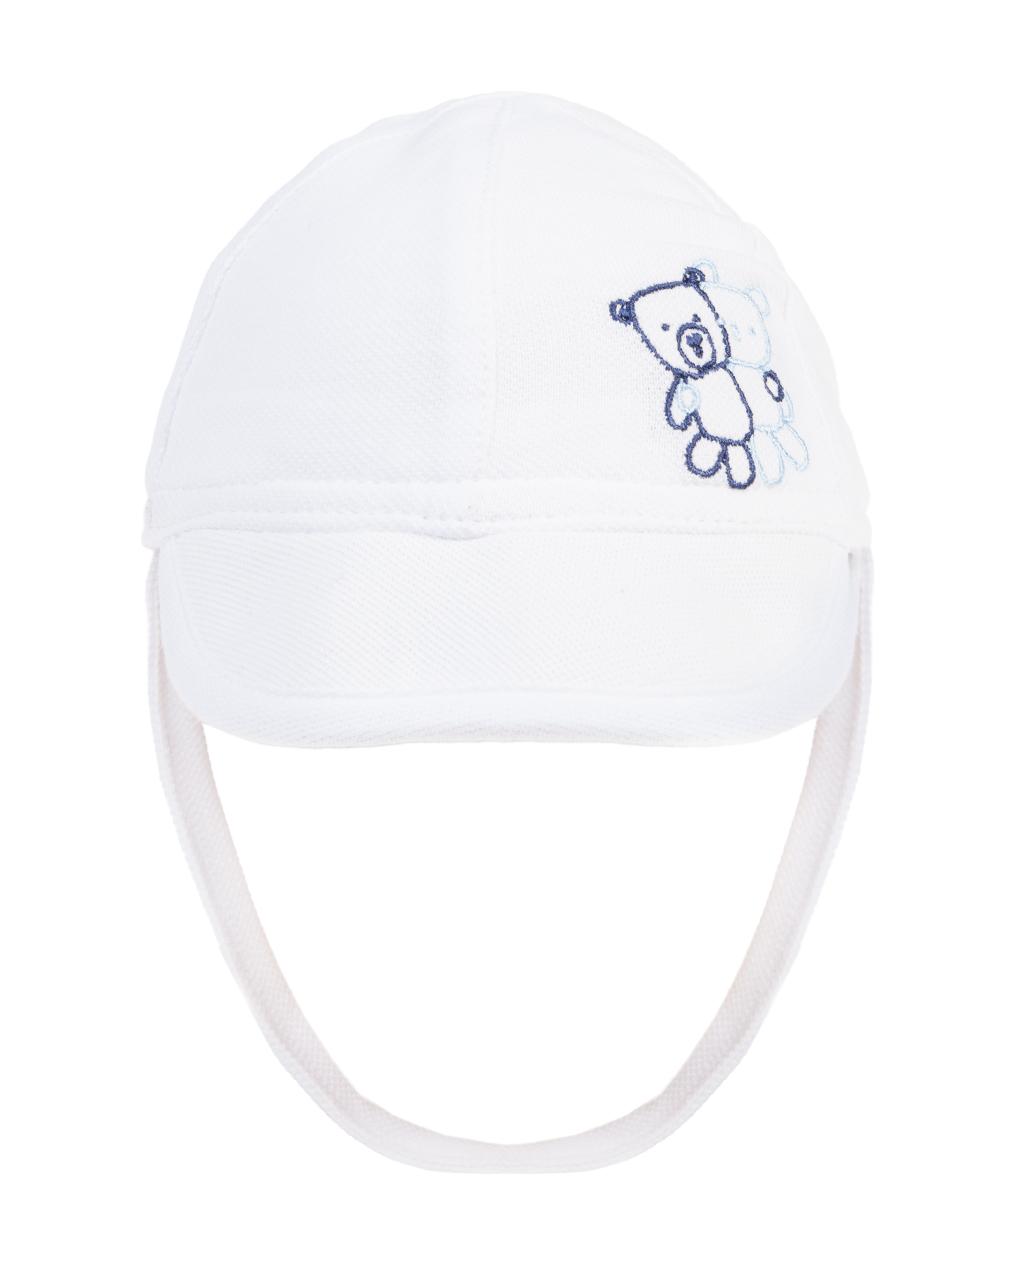 Καπέλο Πικέ Λευκό για Αγόρι